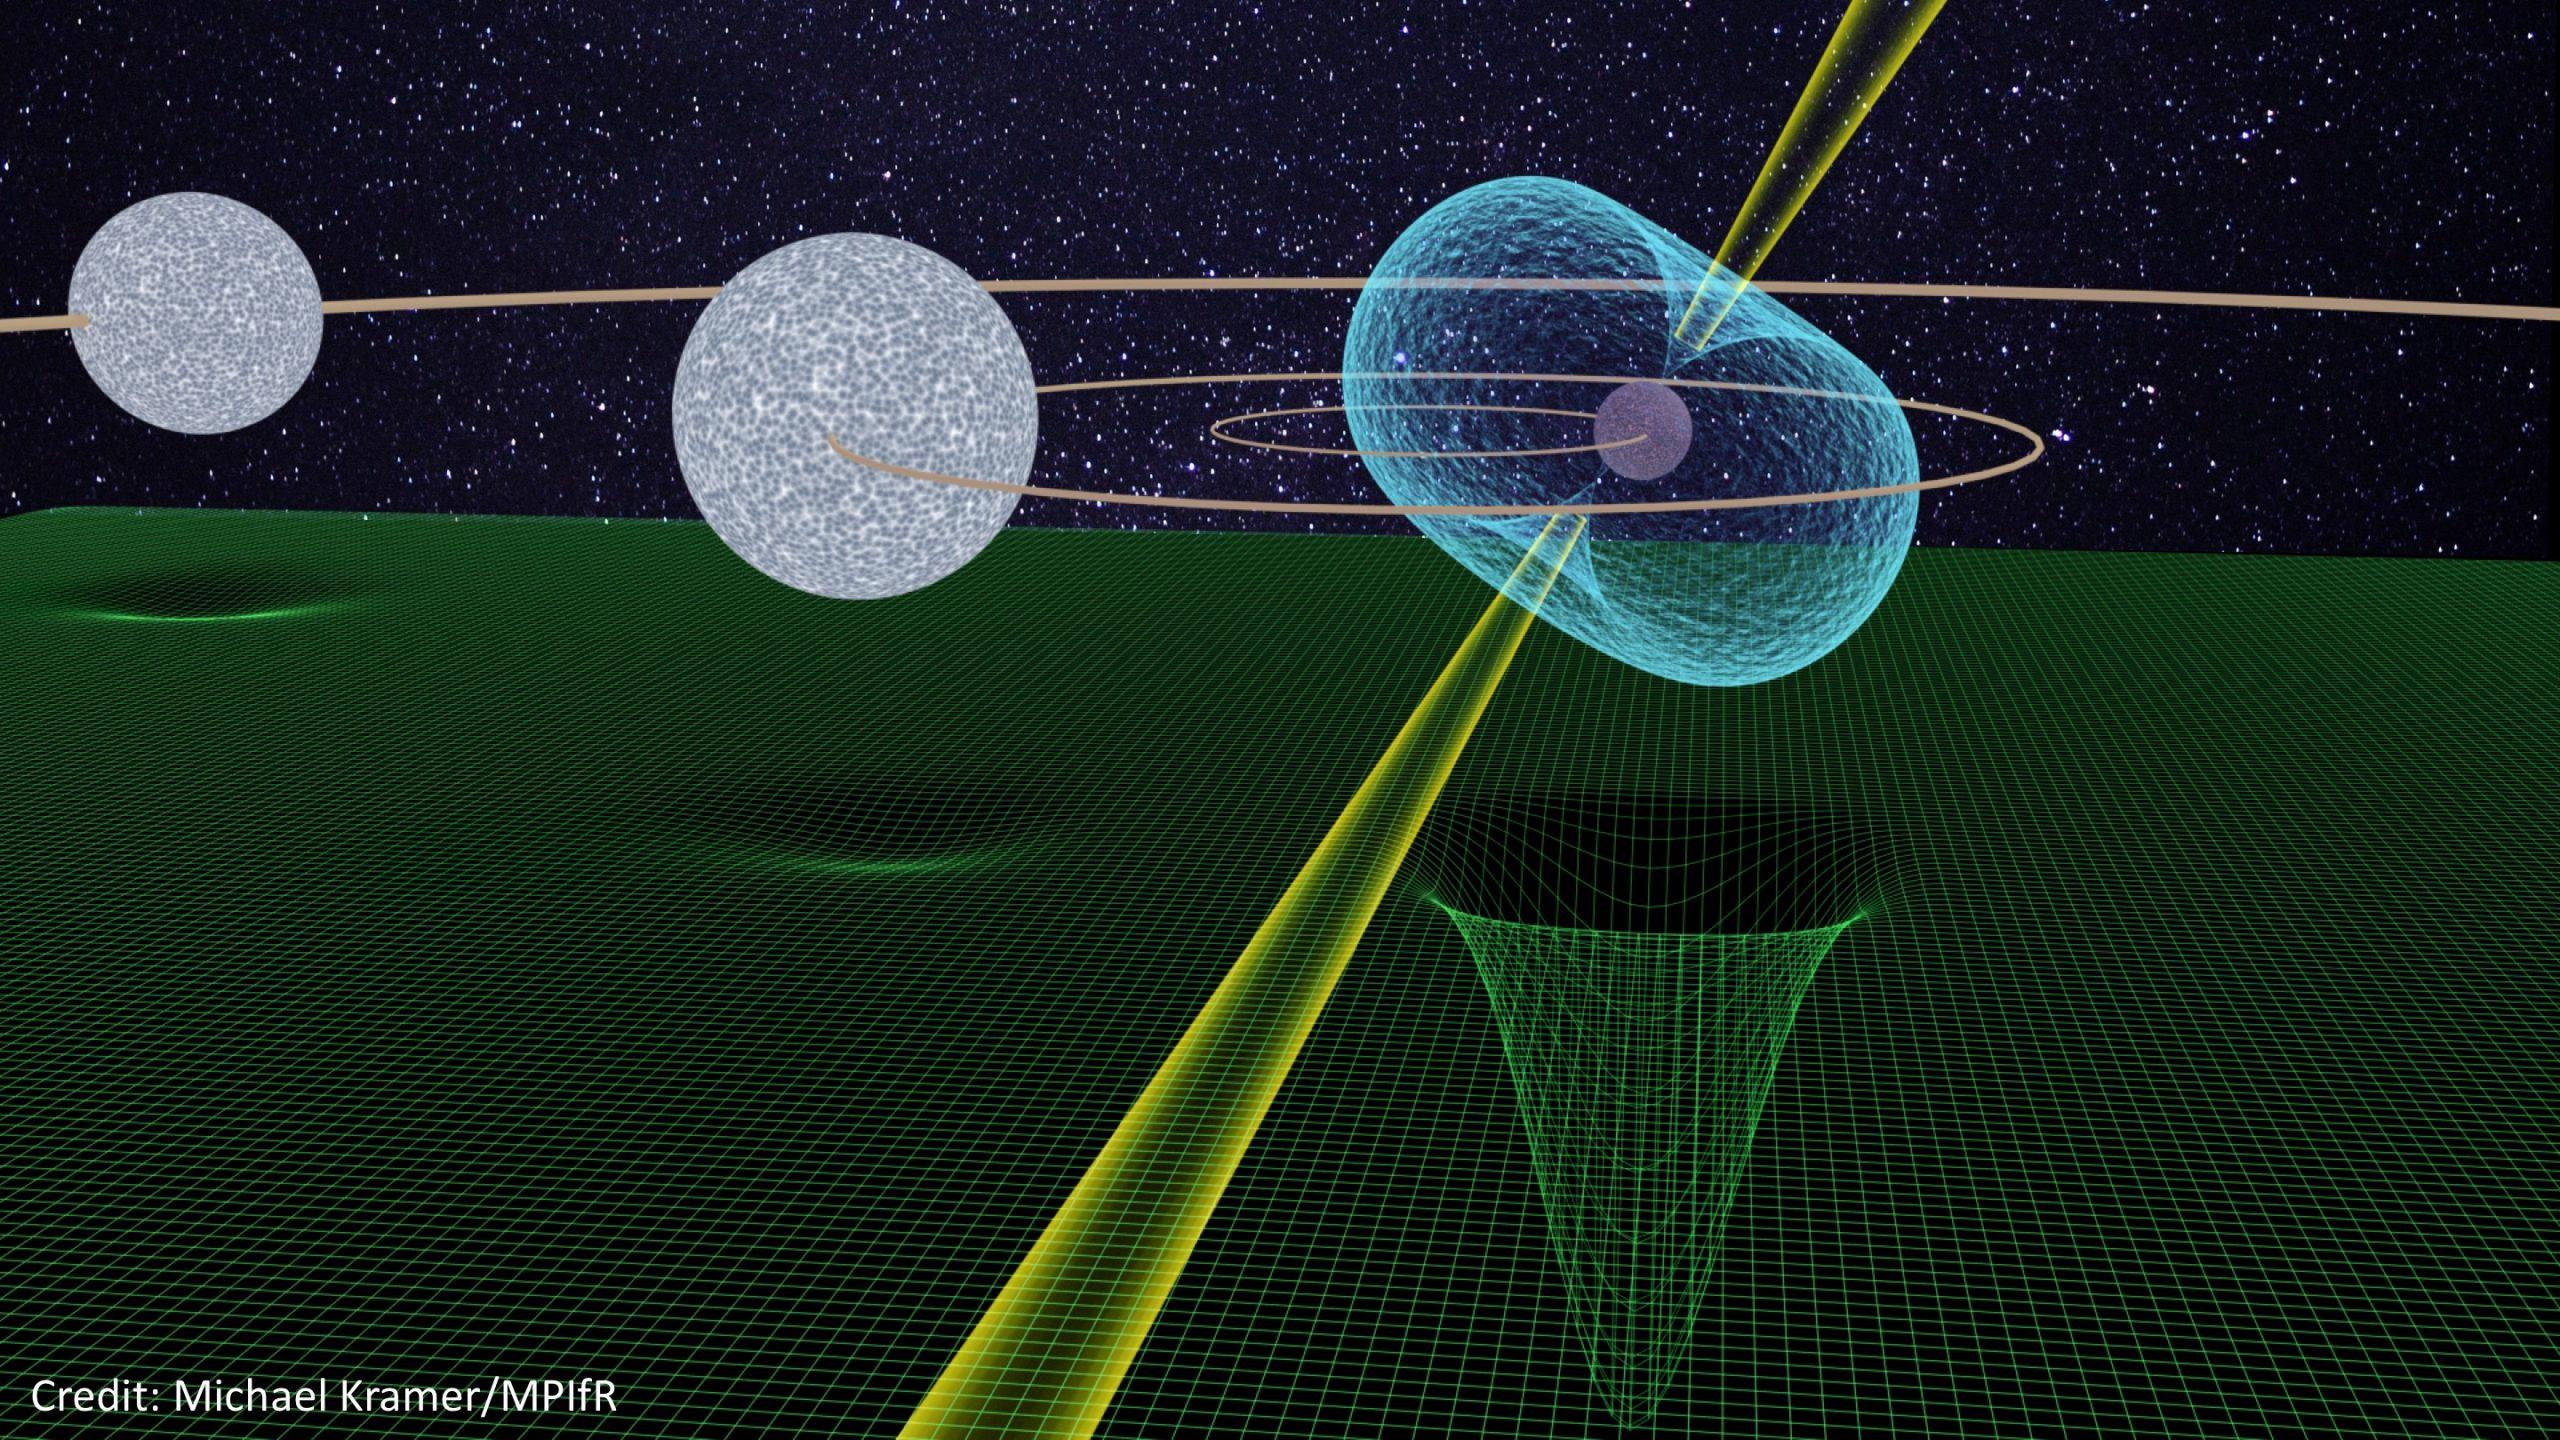 Ilustración del púlsar PSR J0337 + 1715 con sus dos compañeras enanas blancas. La malla verde ilustra la curvatura del espacio-tiempo causada por las diferentes masas. © Michael Kramer / MPIfR.